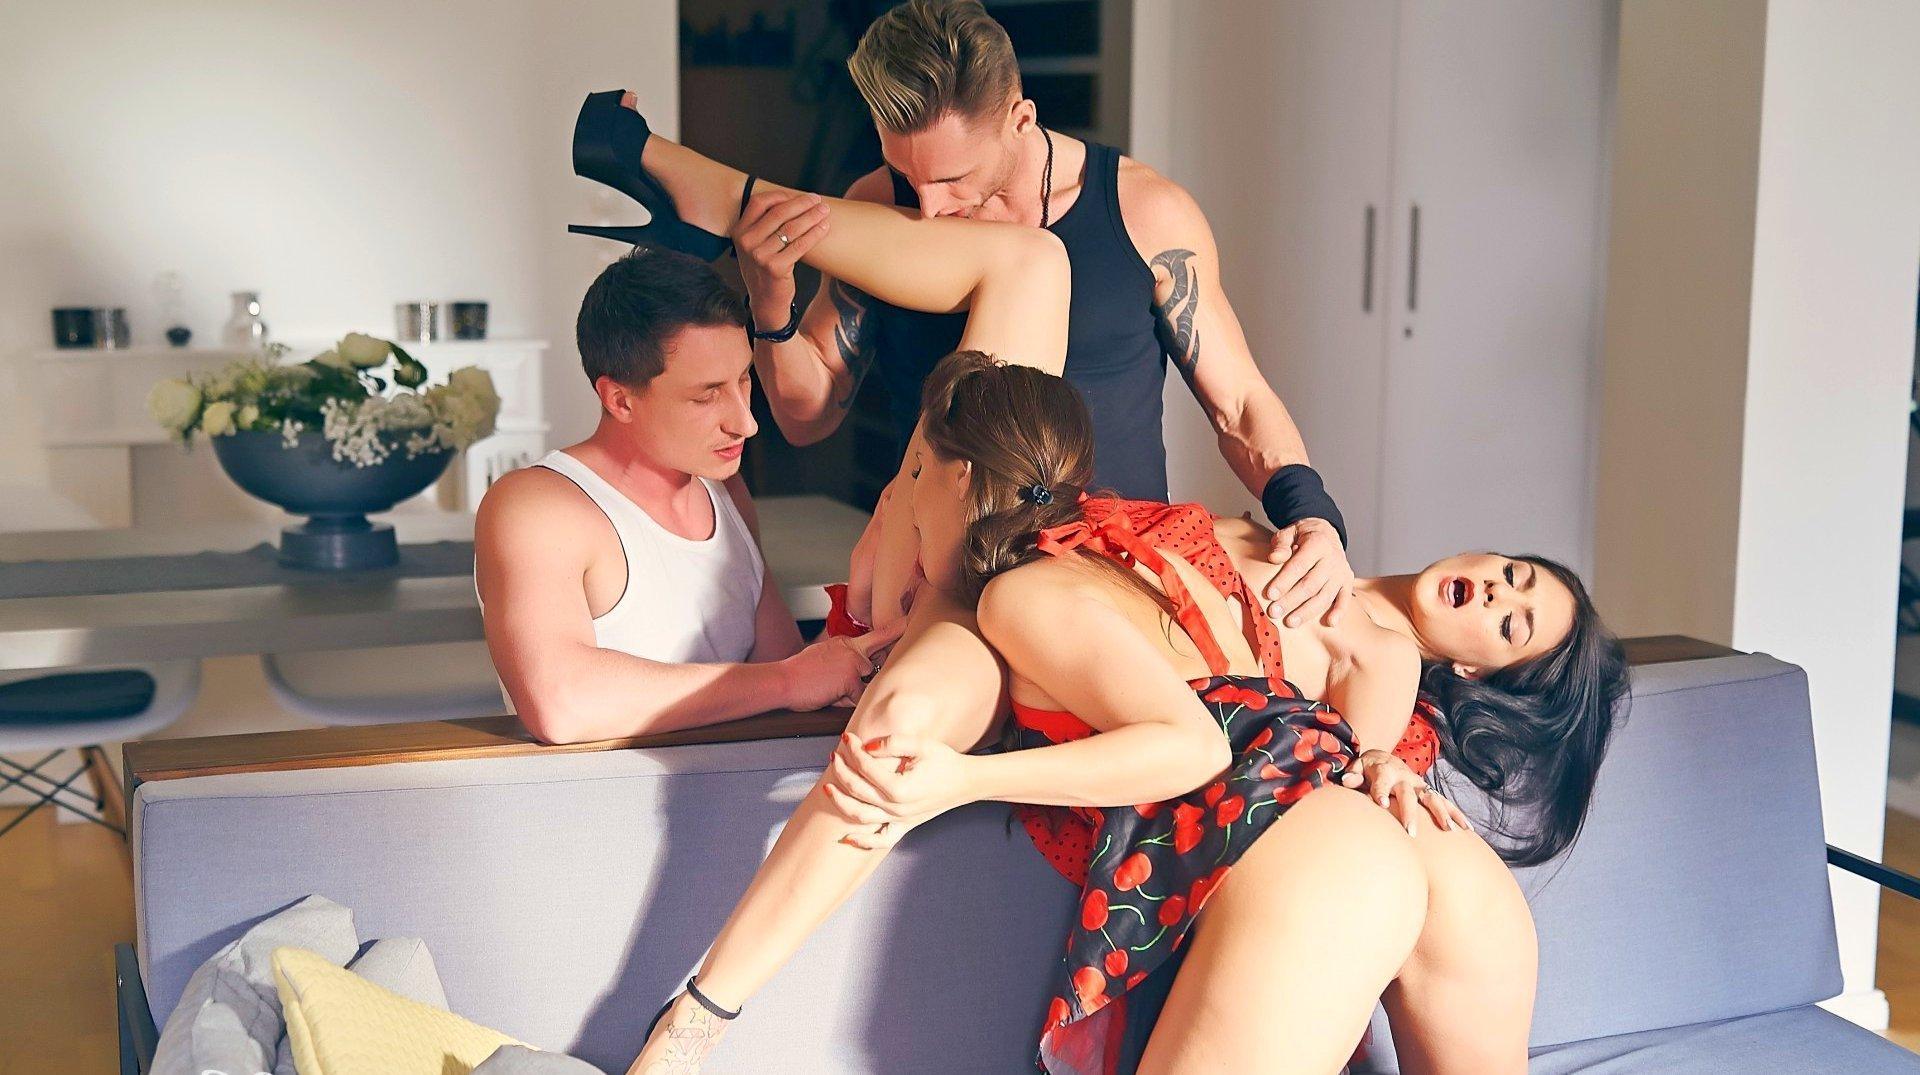 dve-krasavitsi-pomenyalis-parnyami-porno-smotret-samie-bolshie-chleni-polovie-porno-i-kak-realno-konchayut-telki